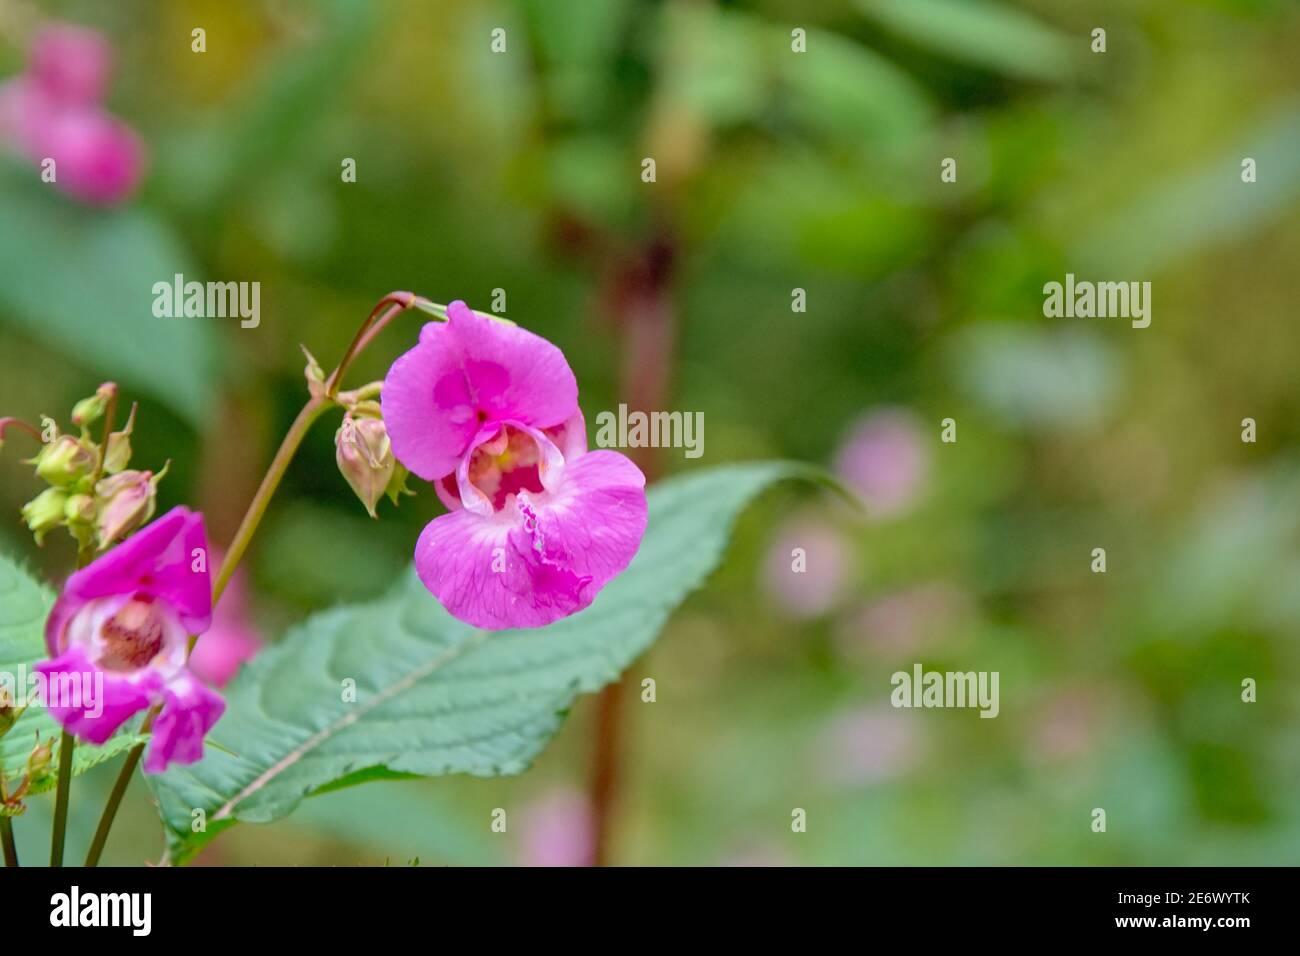 Rosa brillante Himalaya Balsam fiore - Impatiens glandulifera Foto Stock